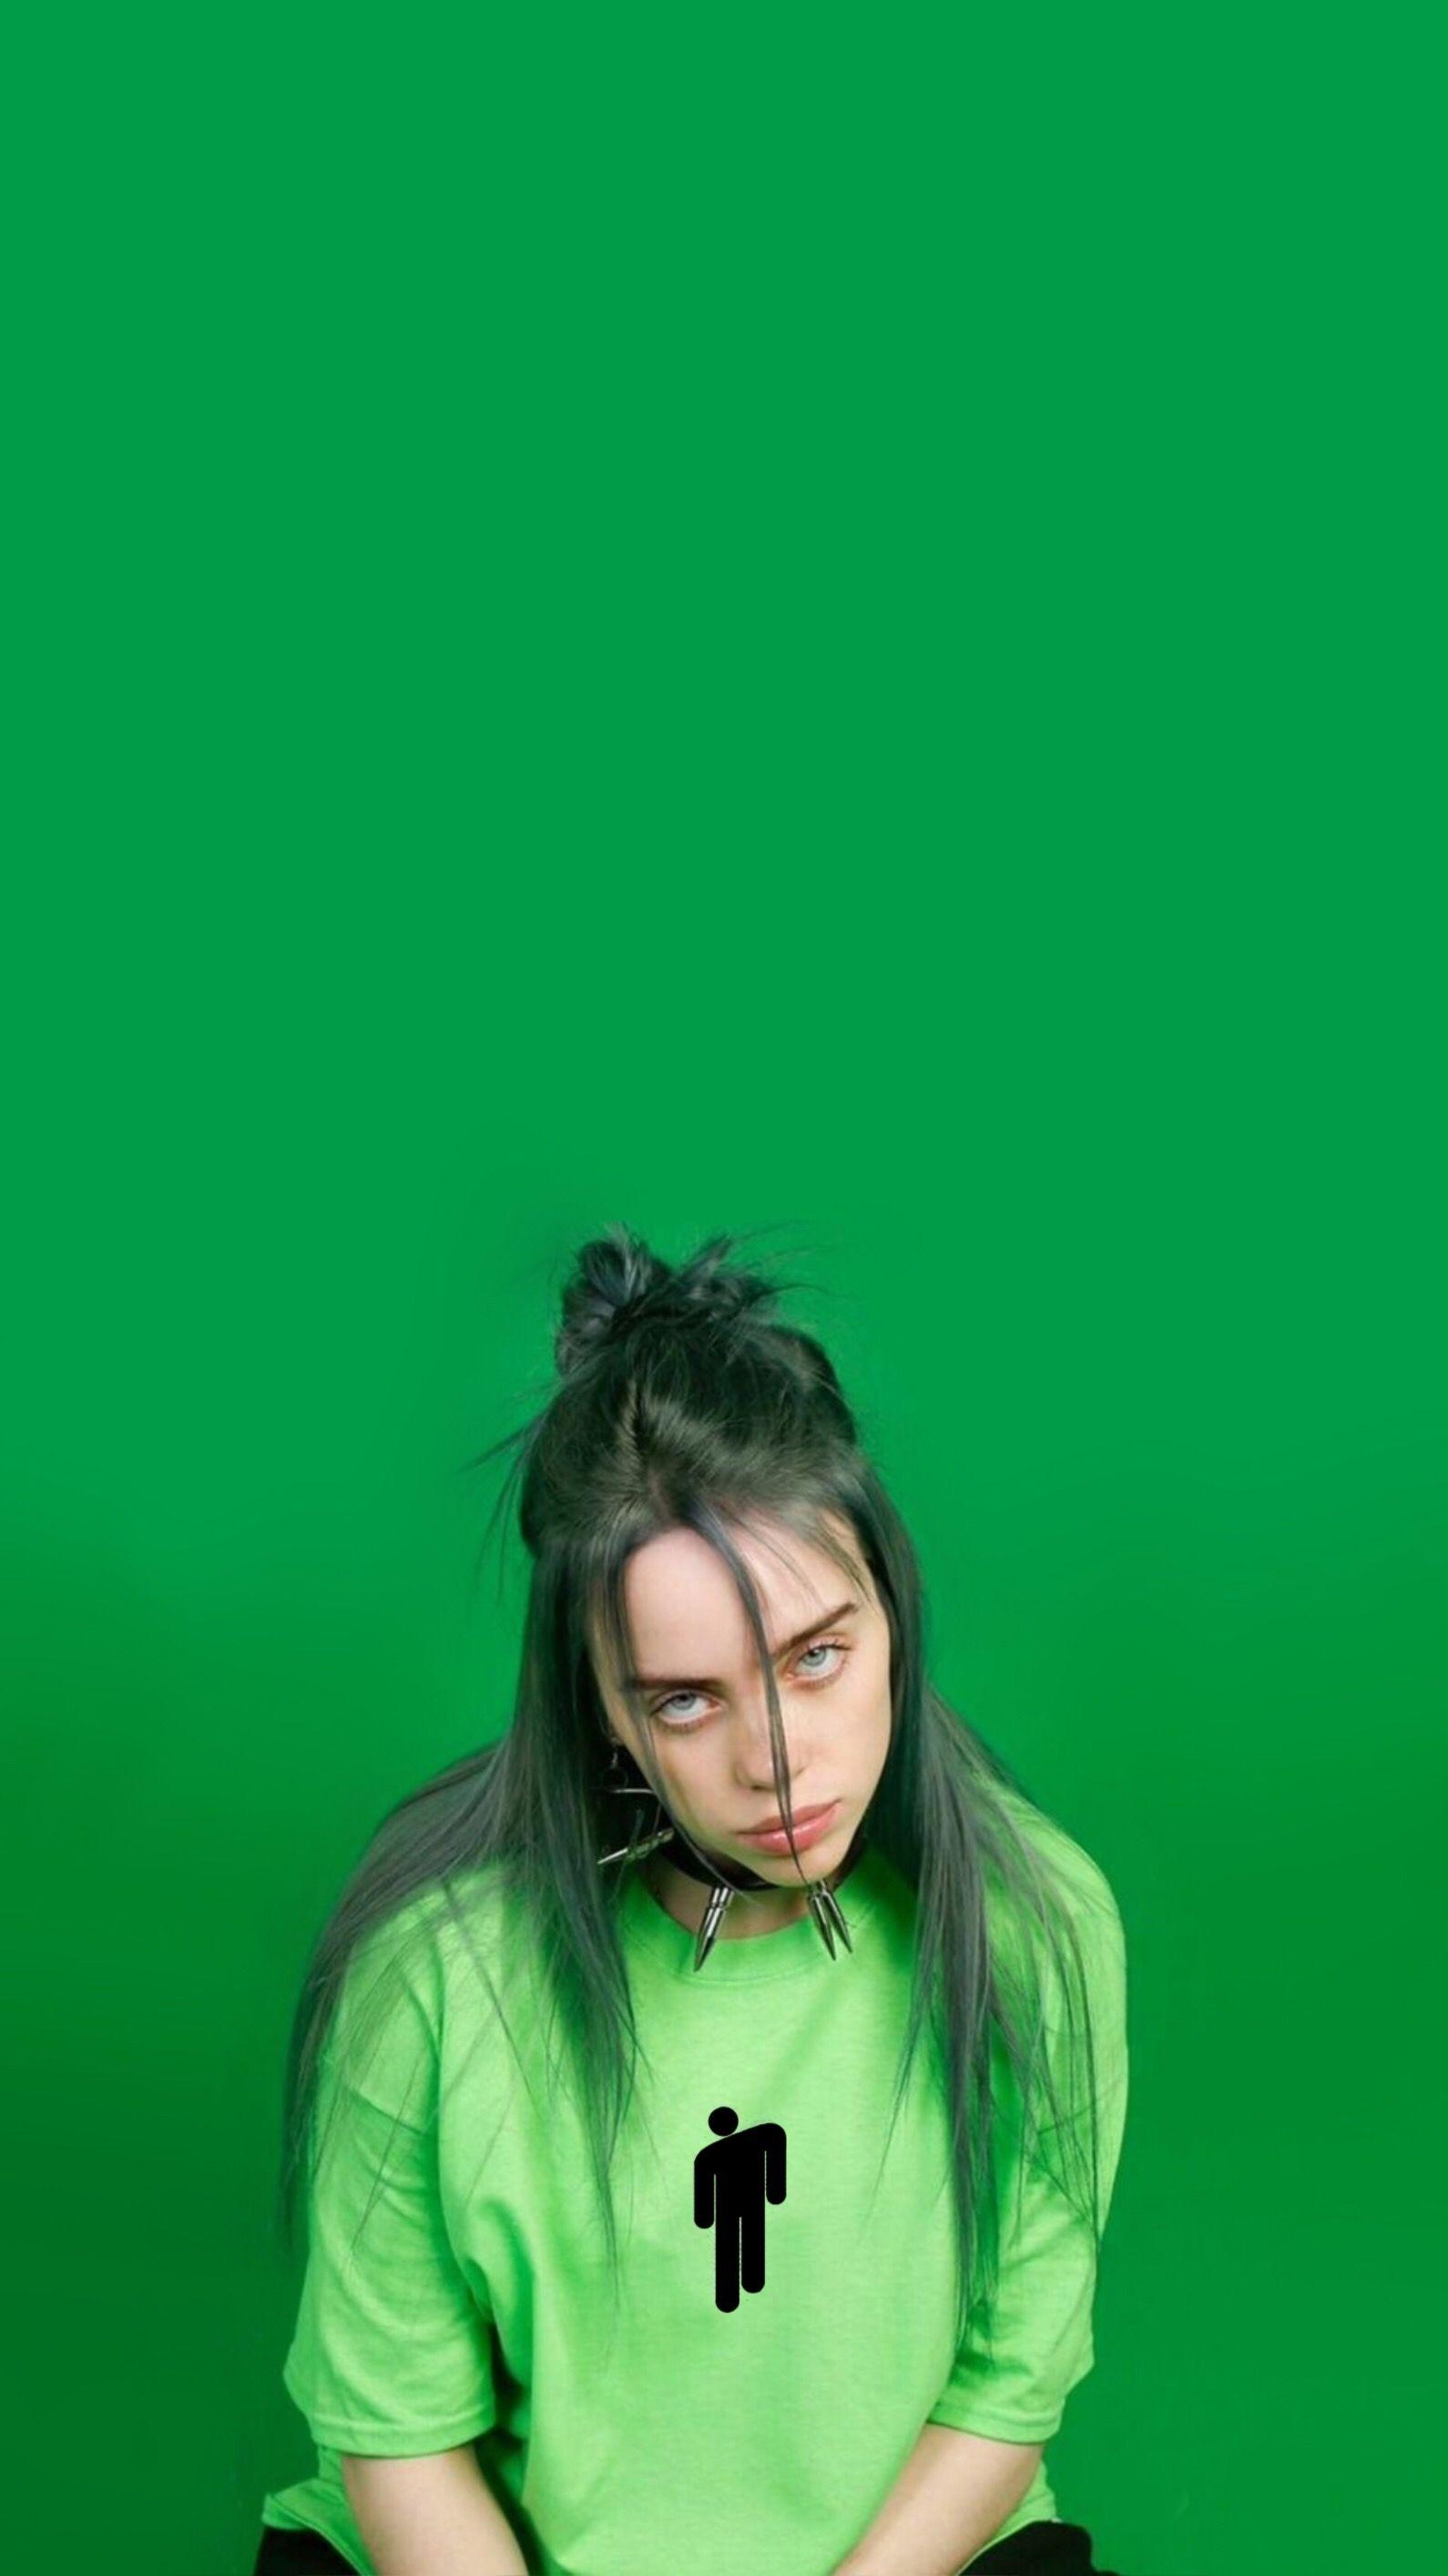 Imagen sobre Billie eilish de 𝕋𝕒𝕝𝕚𝕒 en Billie eilish